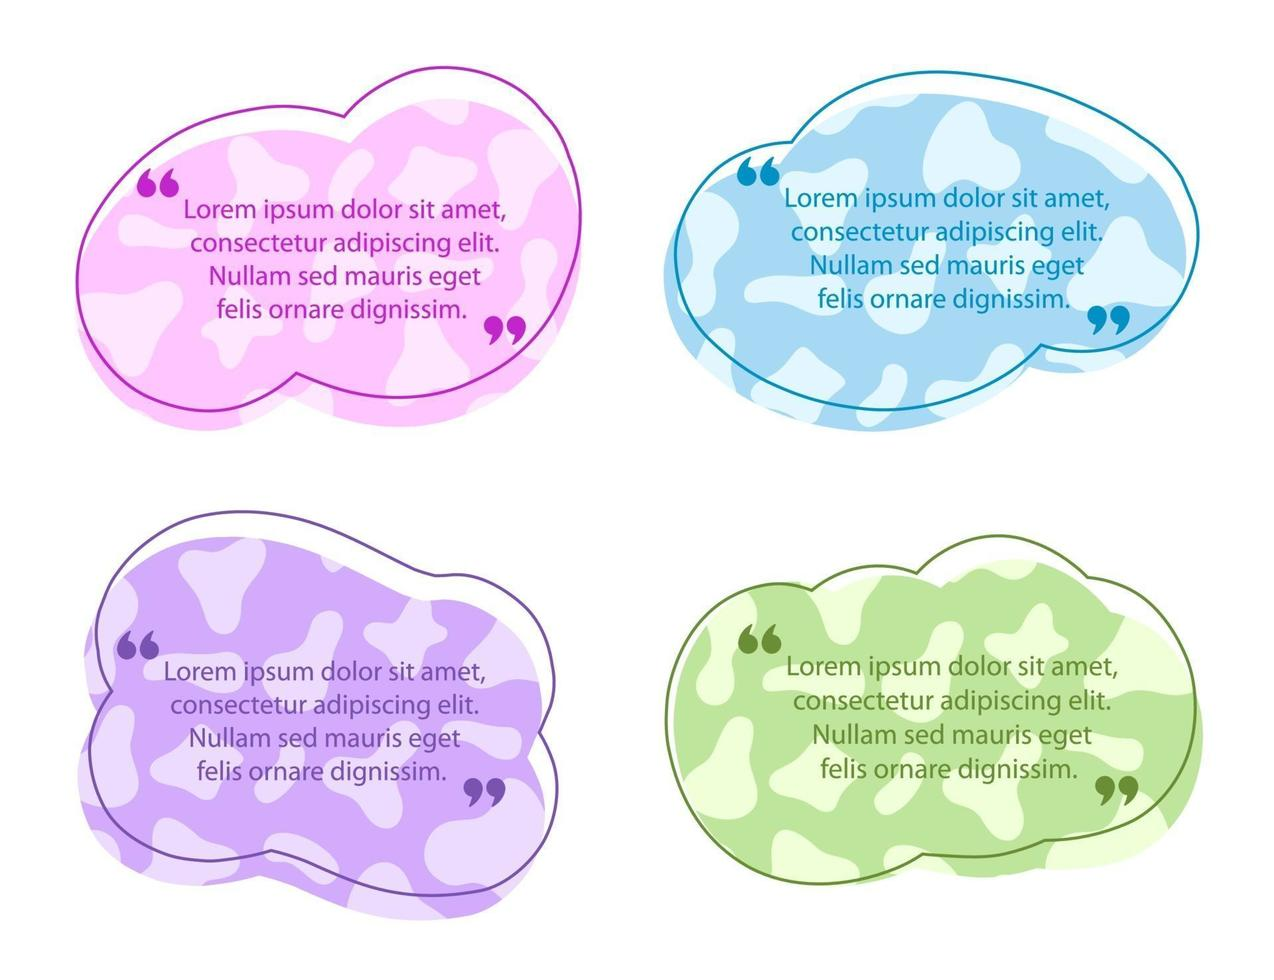 färgad citat pratbubbla mall vektor